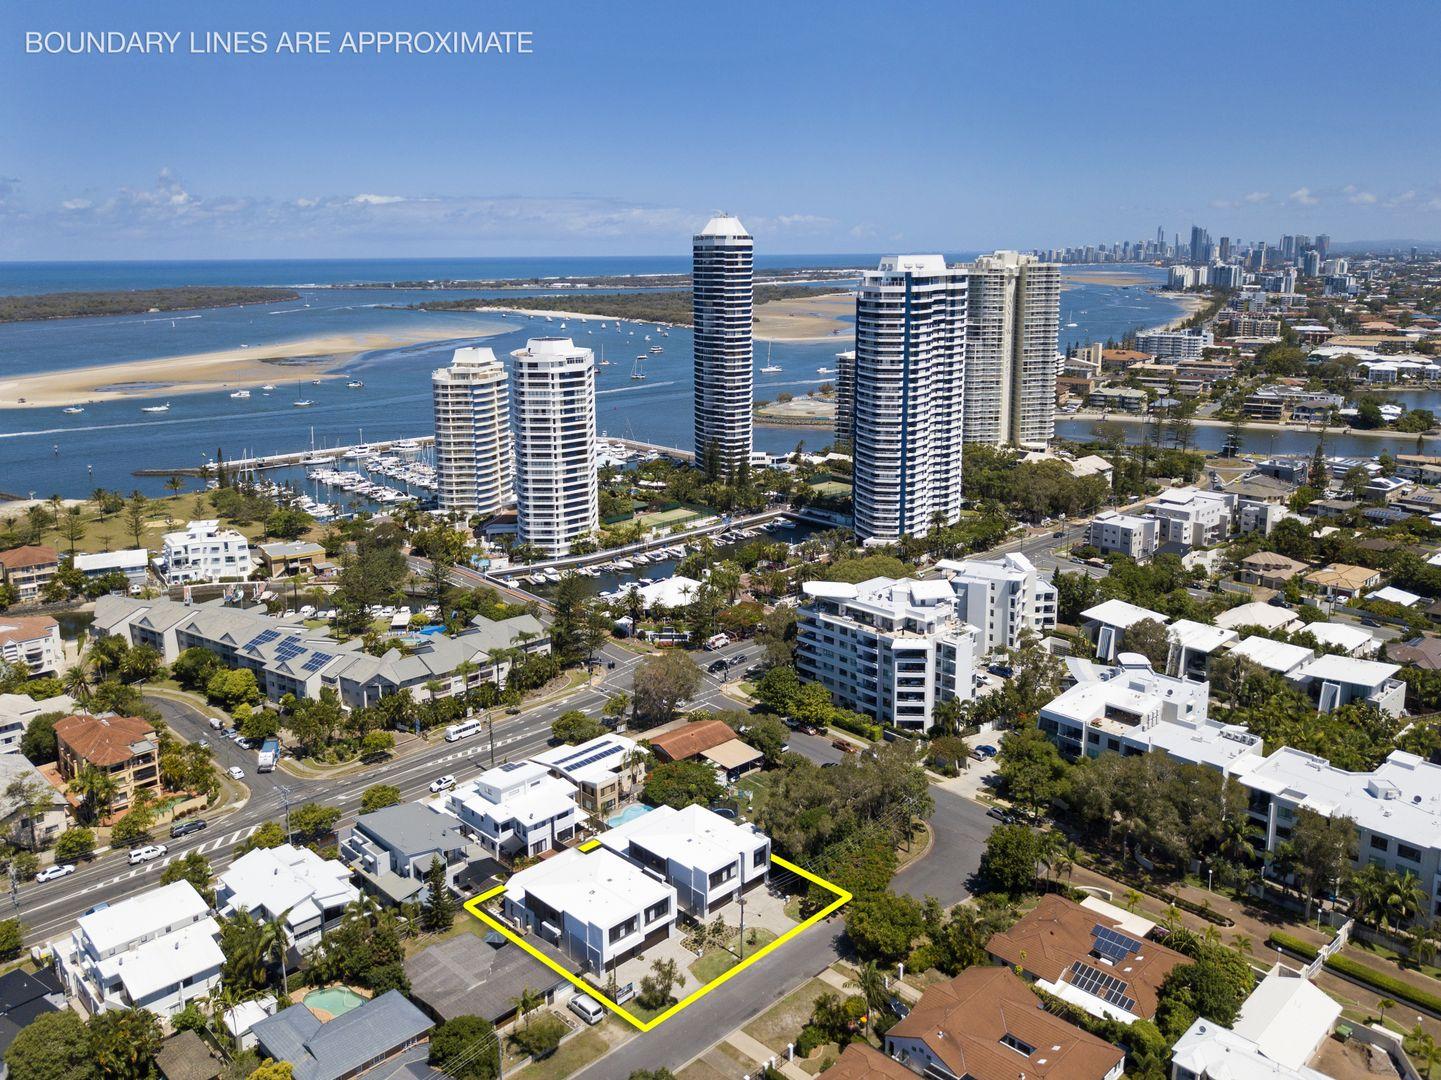 2/6 Lee Road, Runaway Bay QLD 4216, Image 0